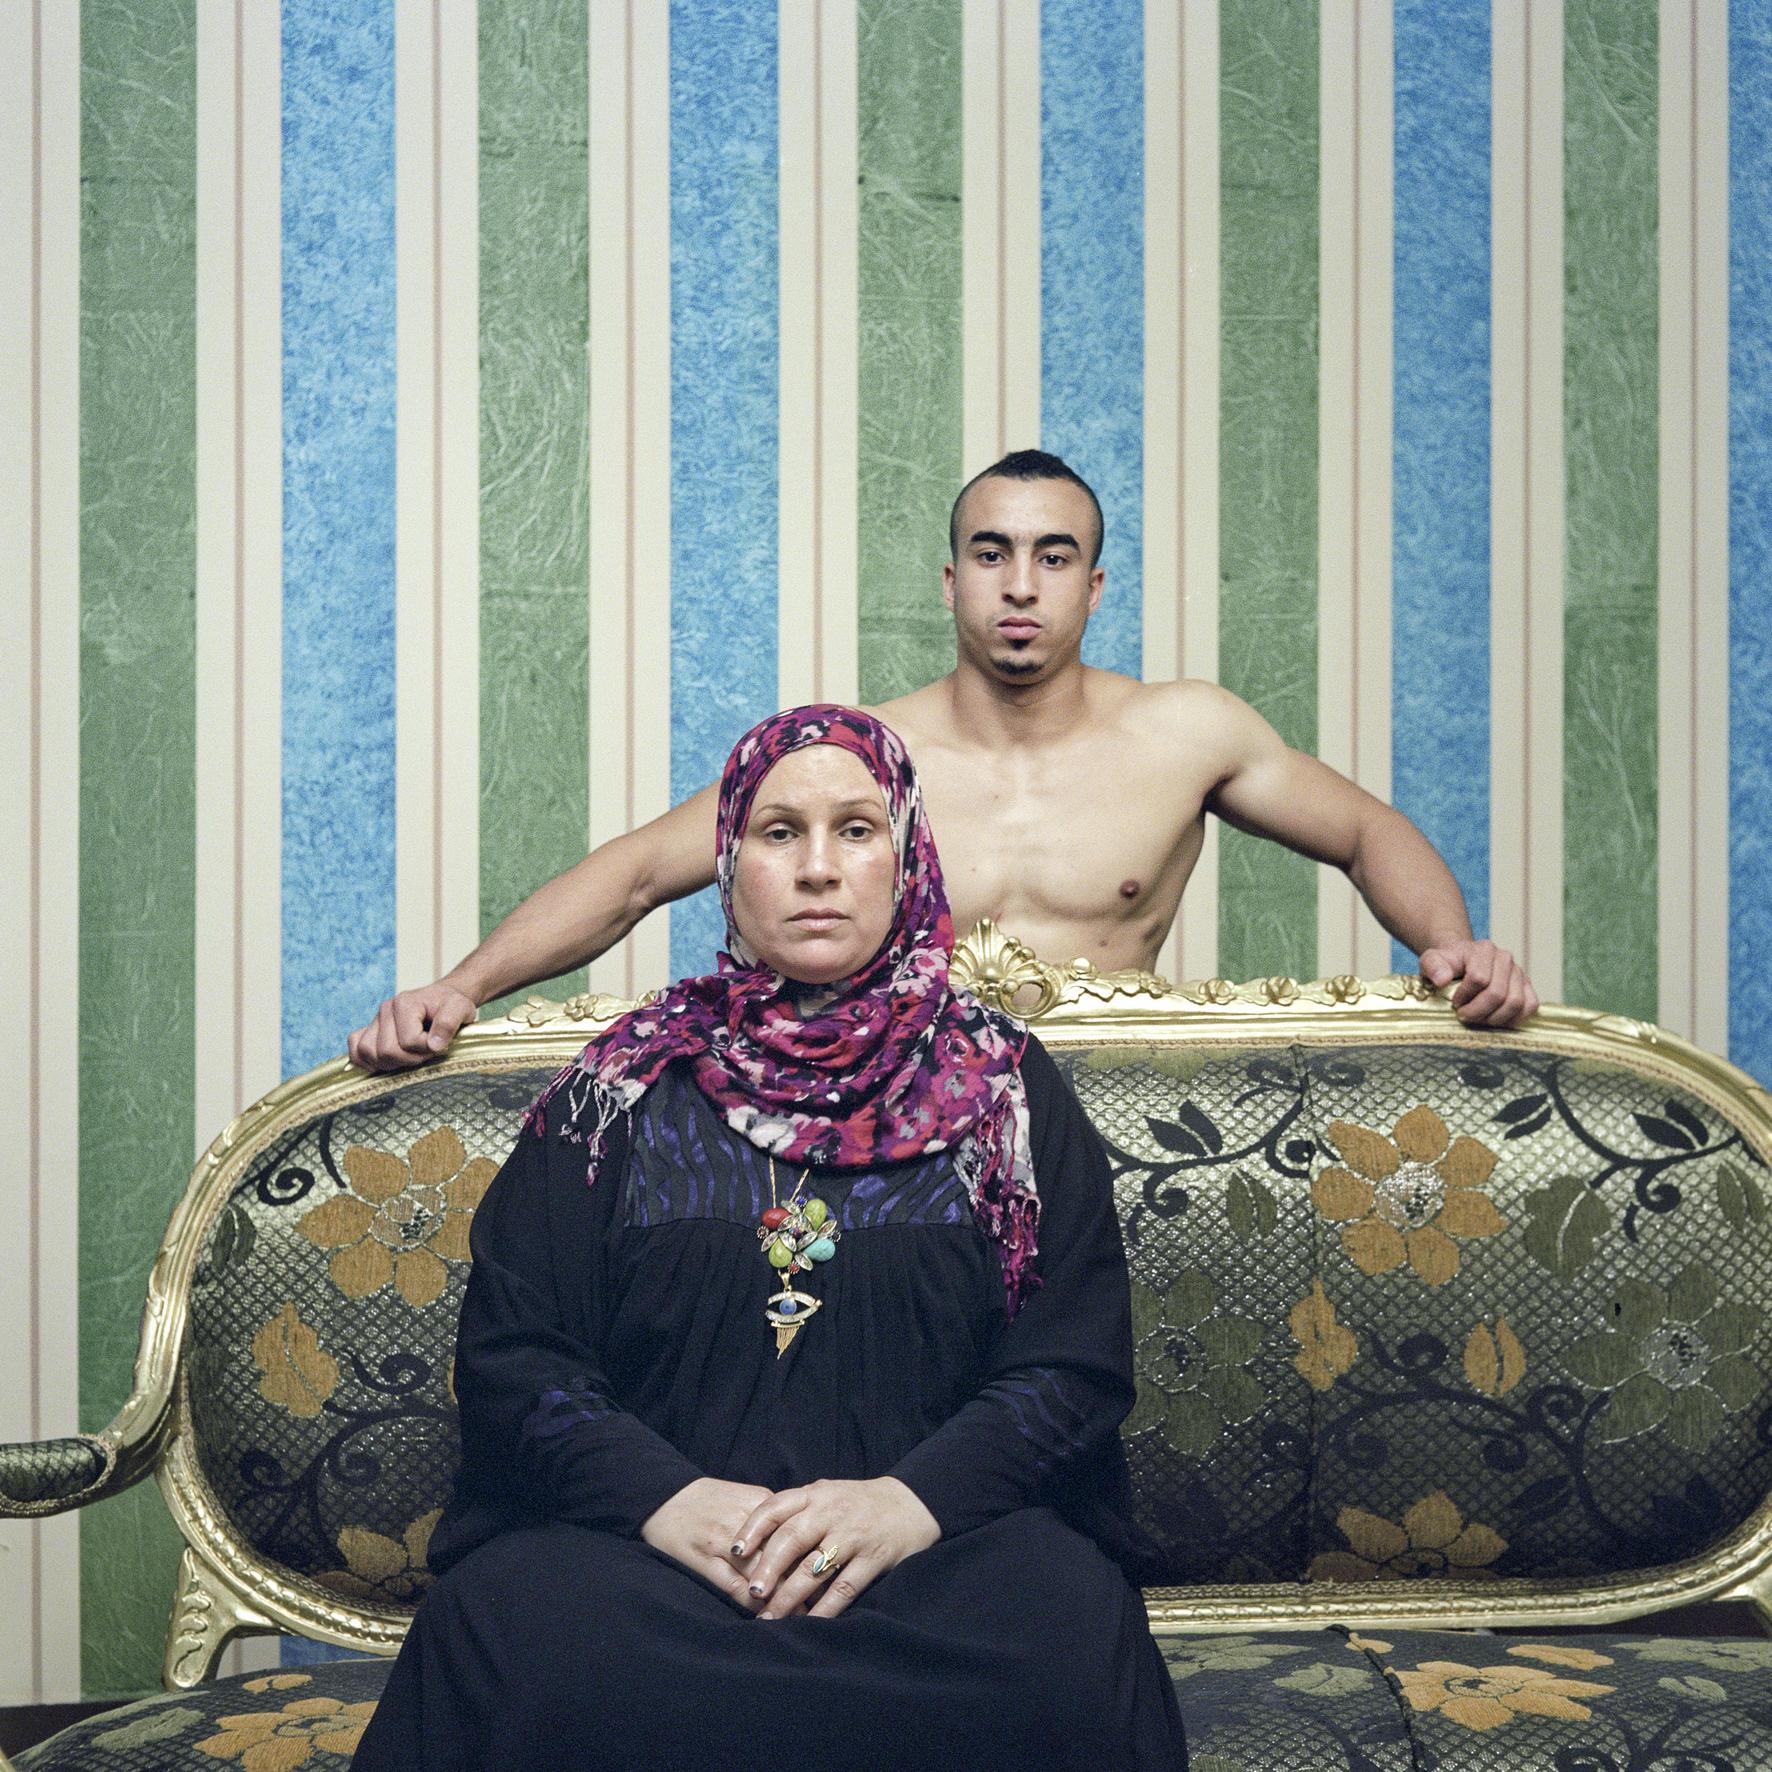 Сын и мать 18 фото 10 фотография